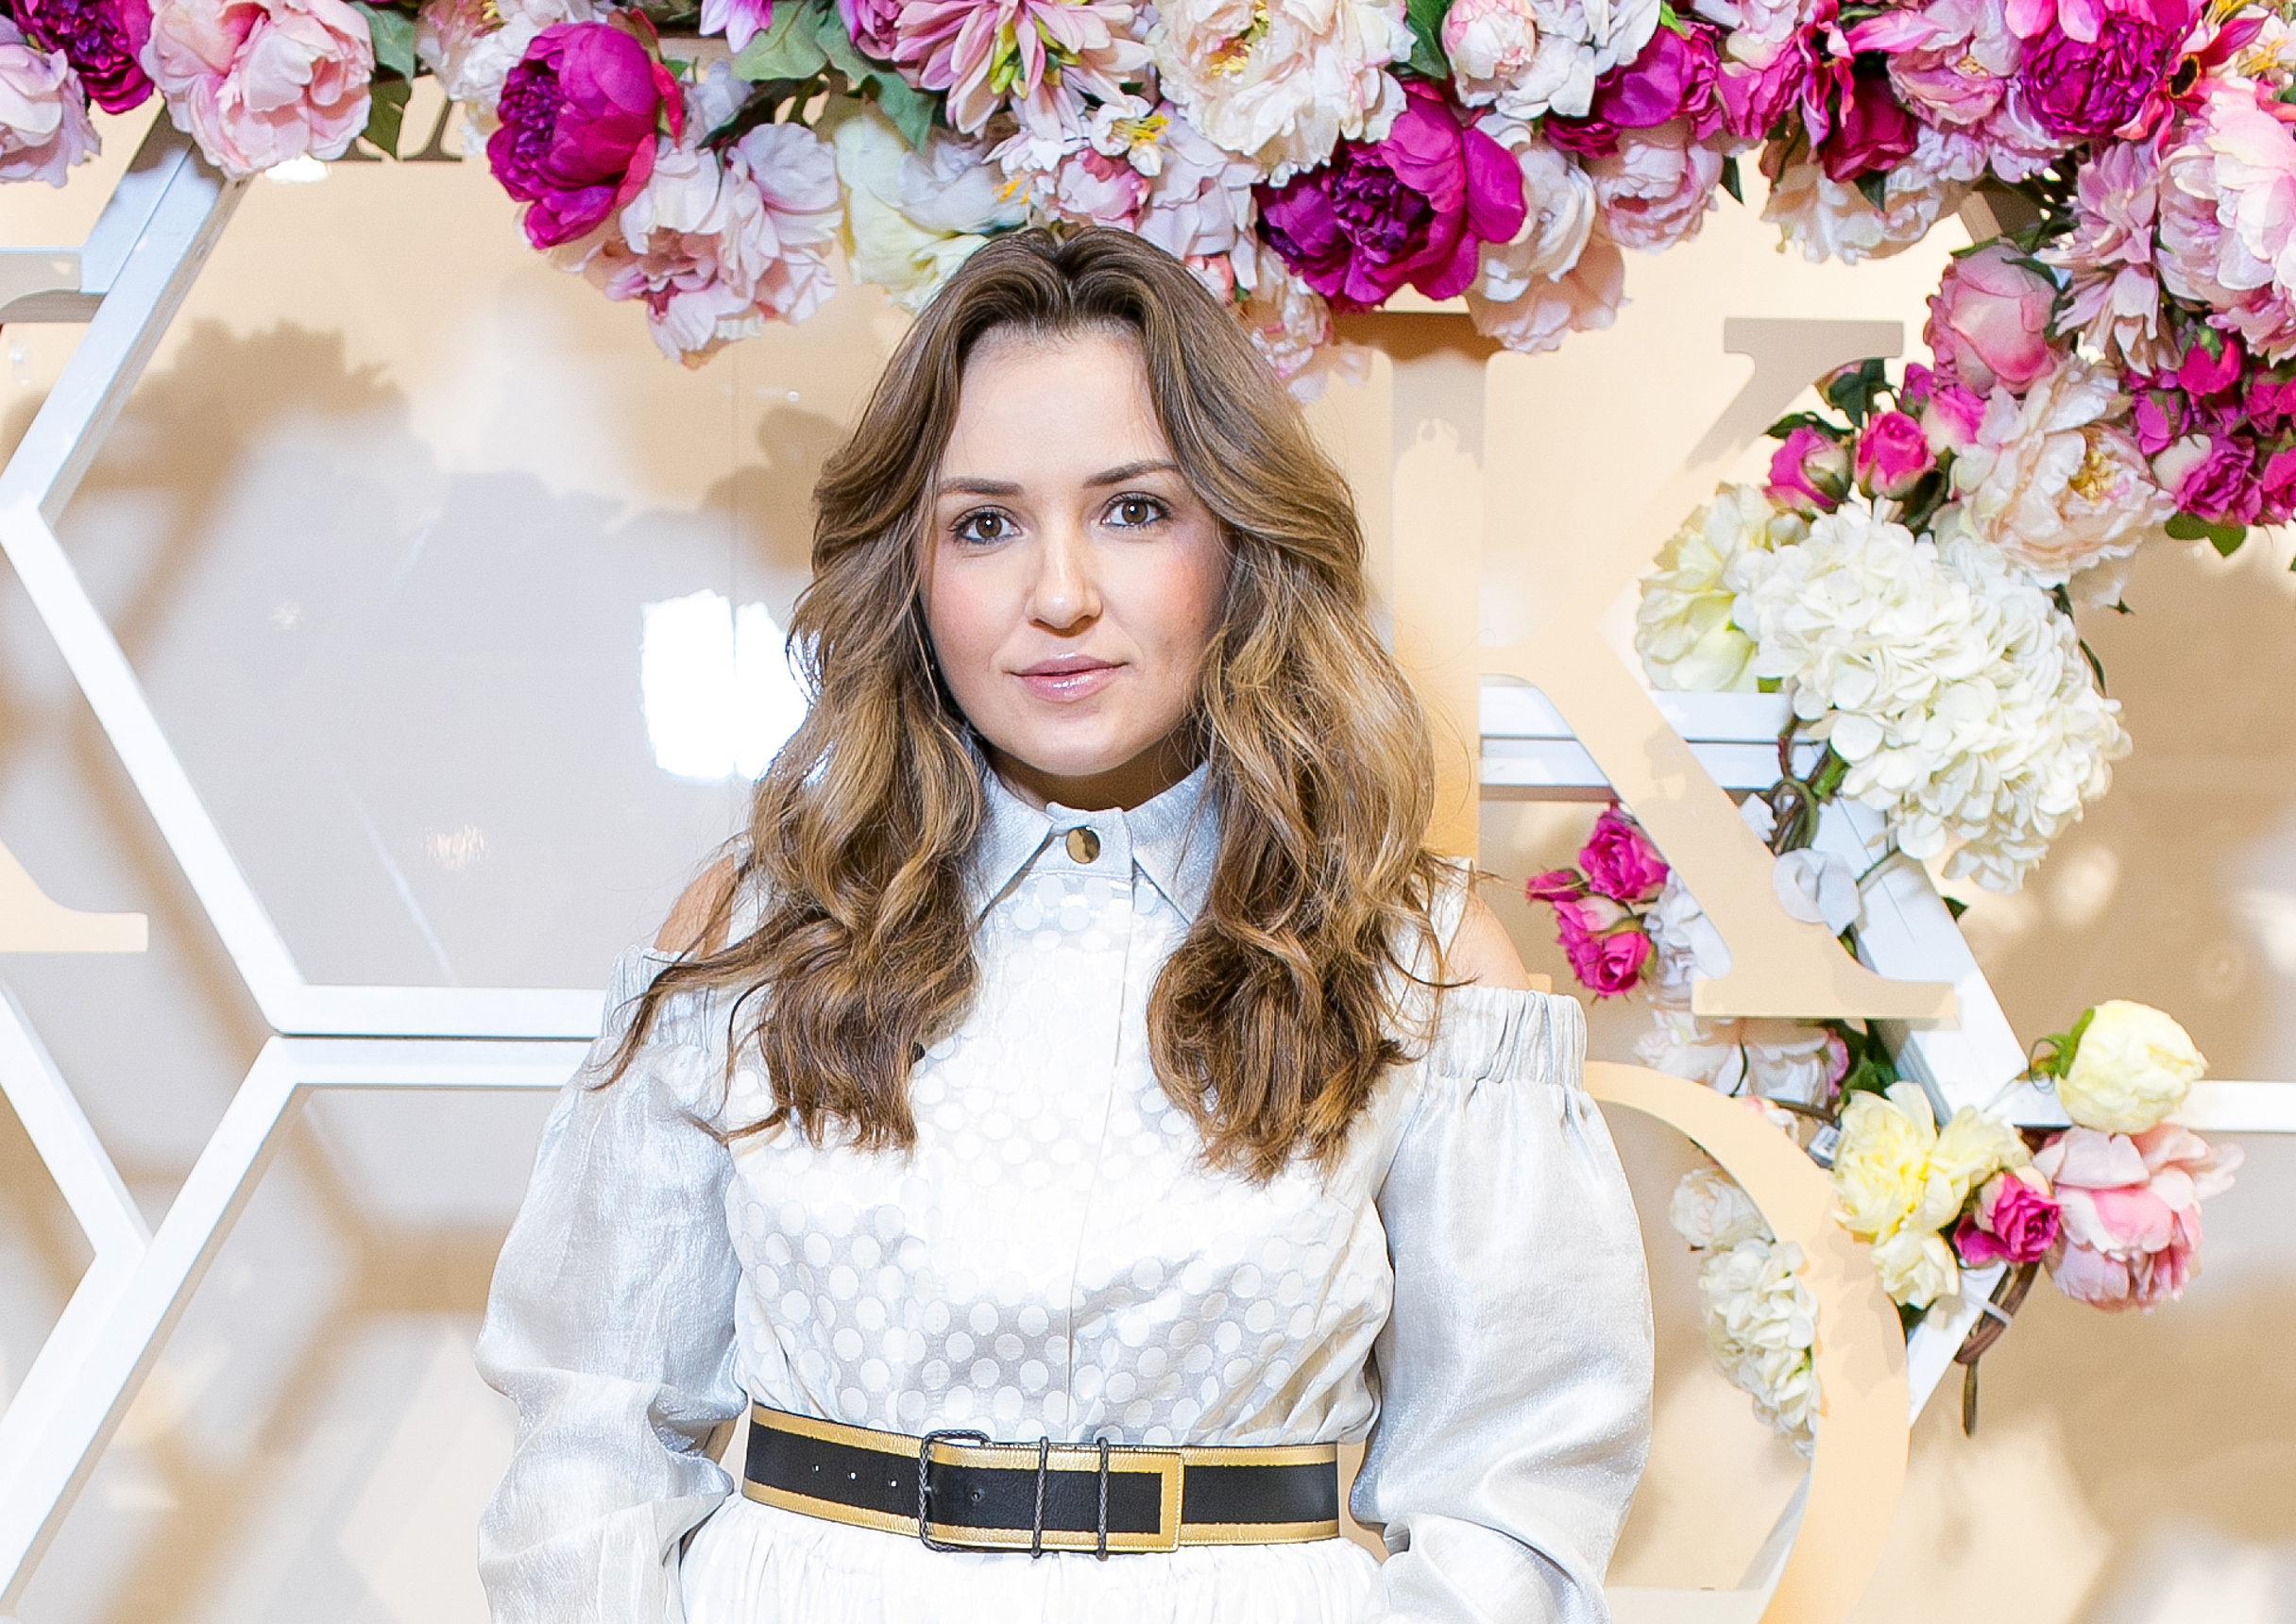 Дизайнер Катя Добрякова объявила о своем уходе из компании «КАТЯ DOBRЯKOVA»